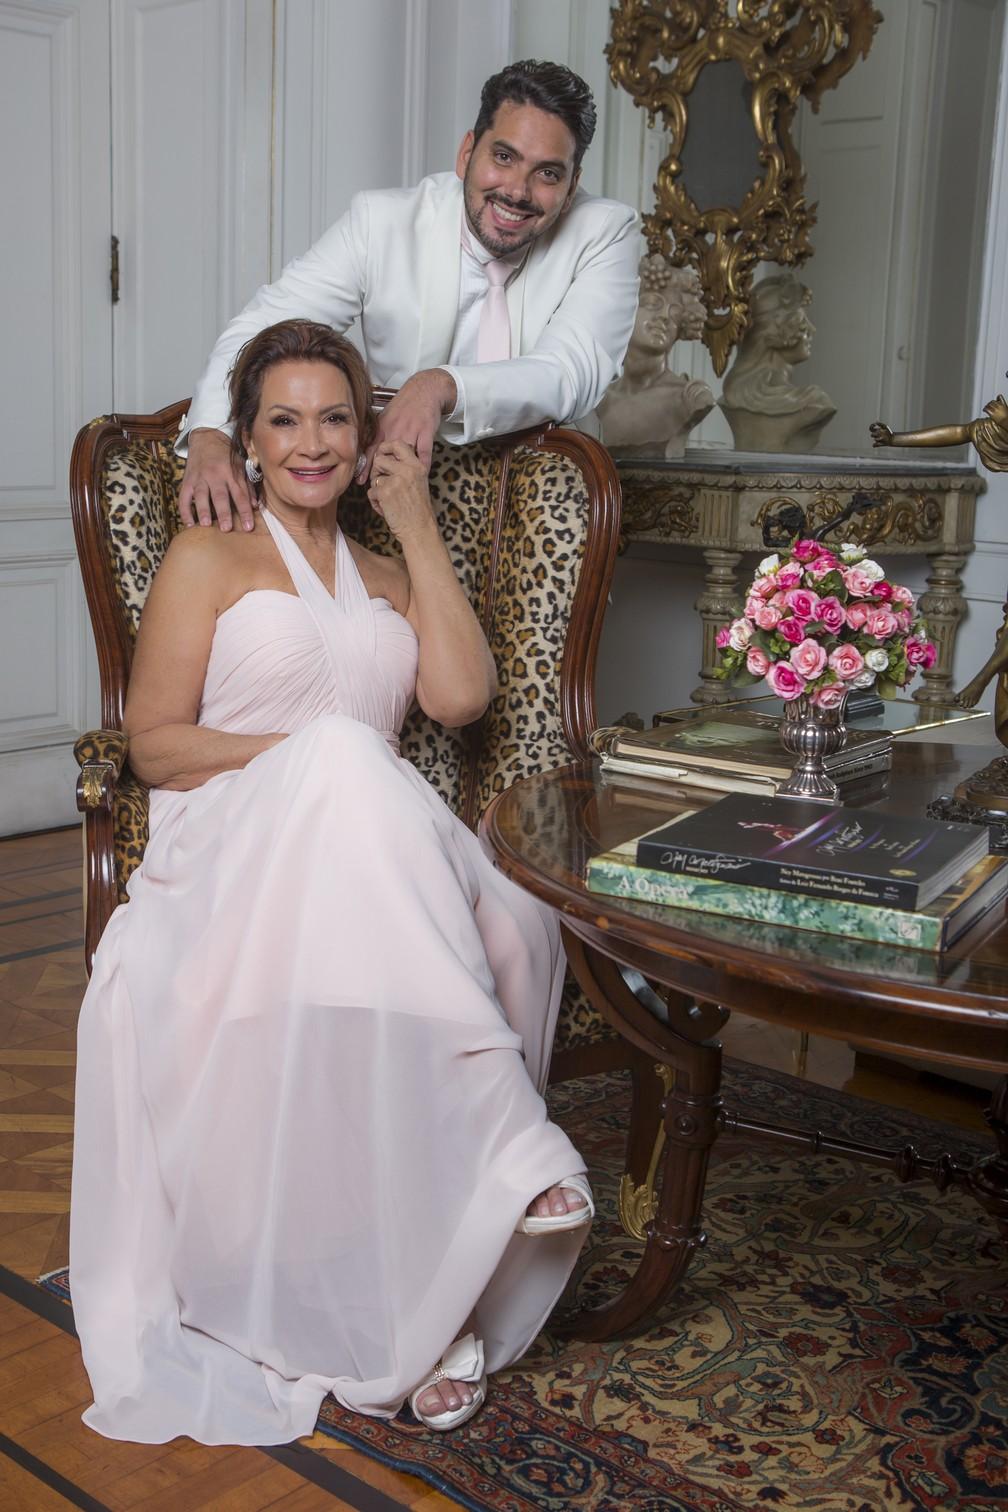 Ieda revela o segredo do relacionamento com Marcelo: 'Nunca brigamos, e aí entra a minha experiência, o meu lado de mulher vivida' — Foto: Artur Meninea/ Gshow